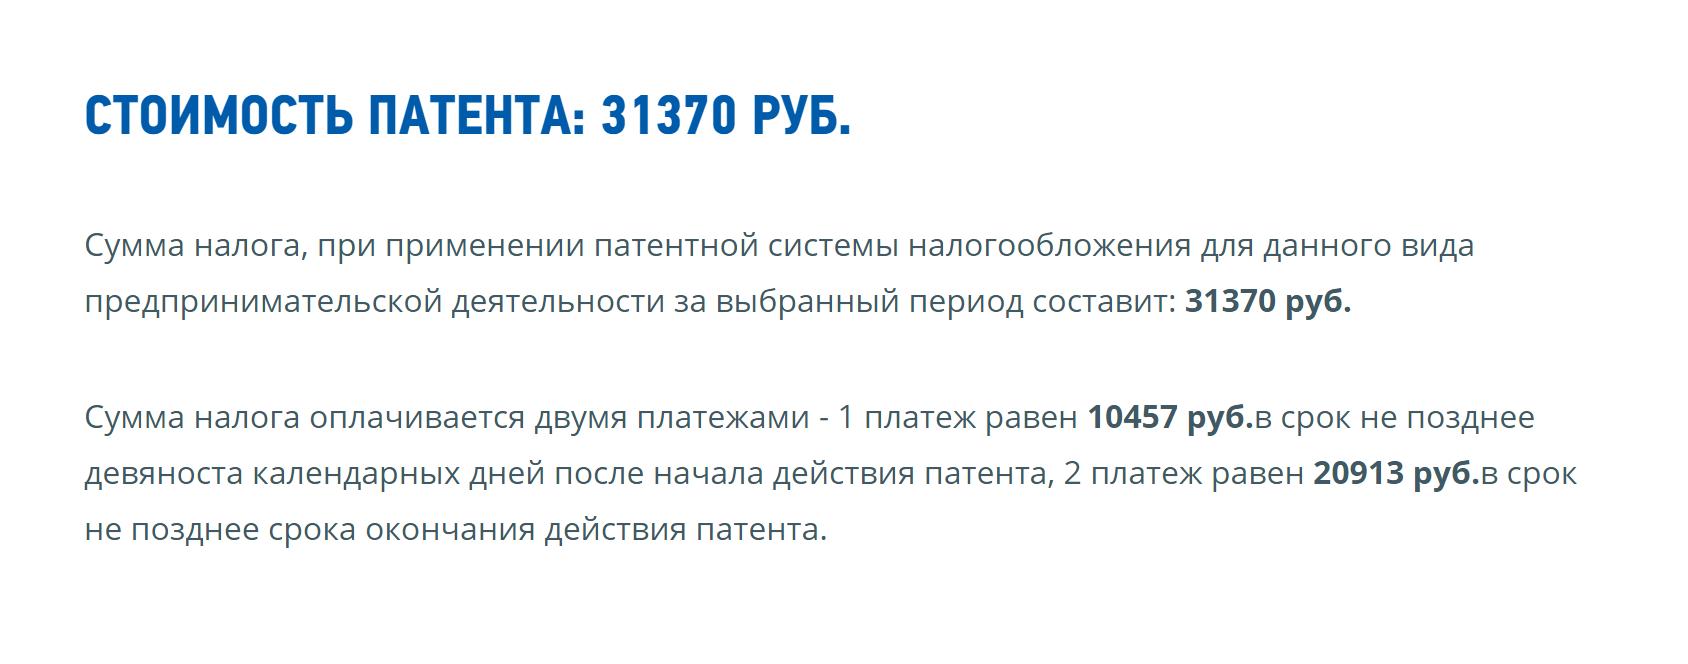 Вот какую стоимость патента показал сервис